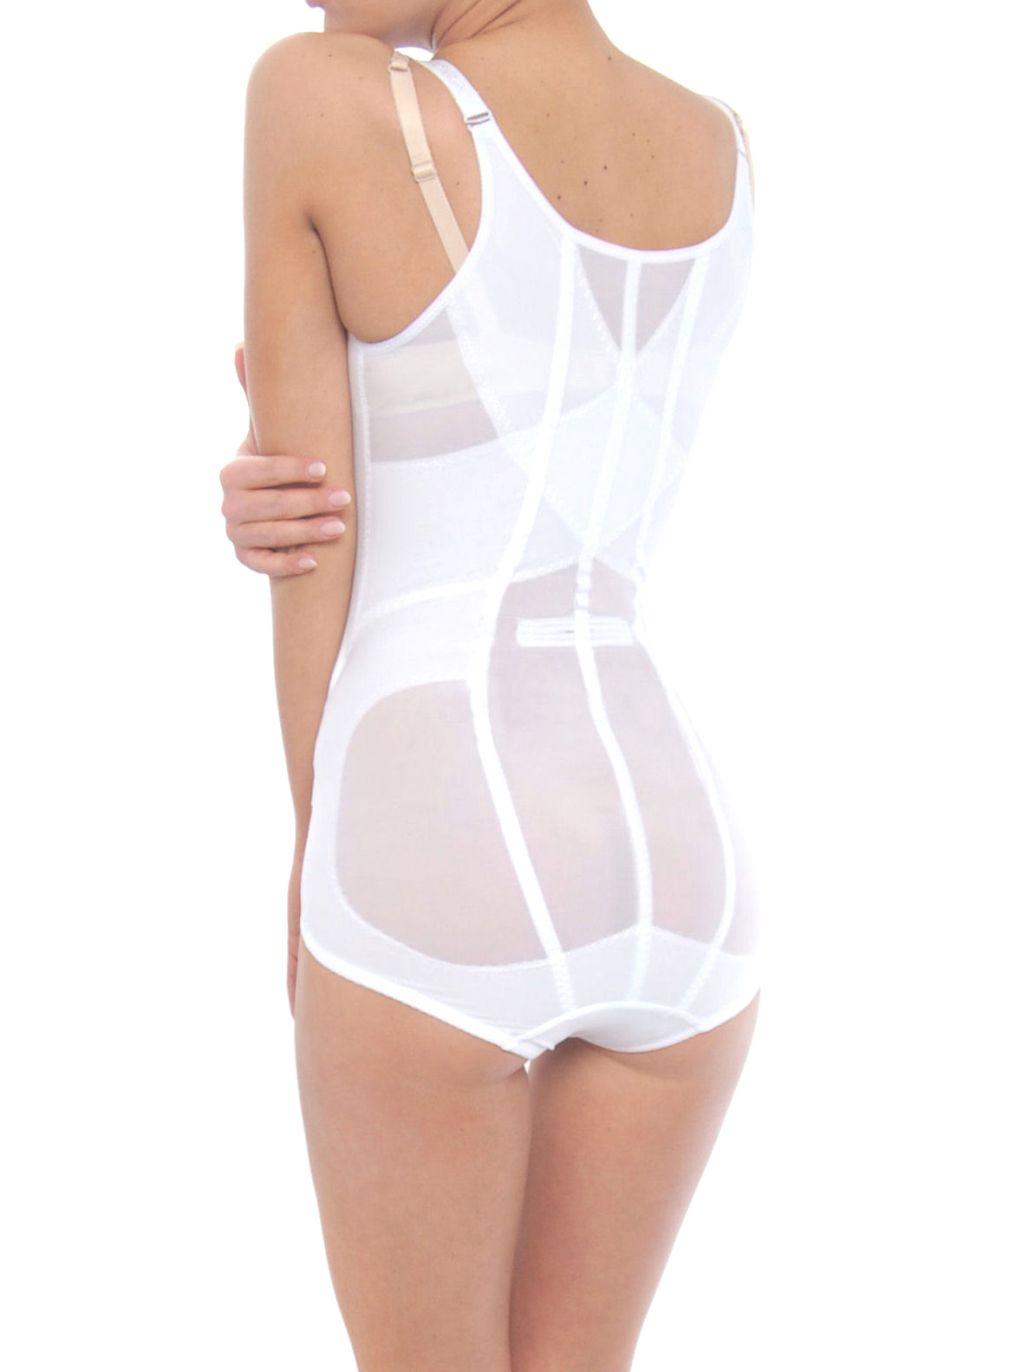 Mieder Body Shapewear Bodysuit Korselett OriRose 6209 weiß S-XXXXL